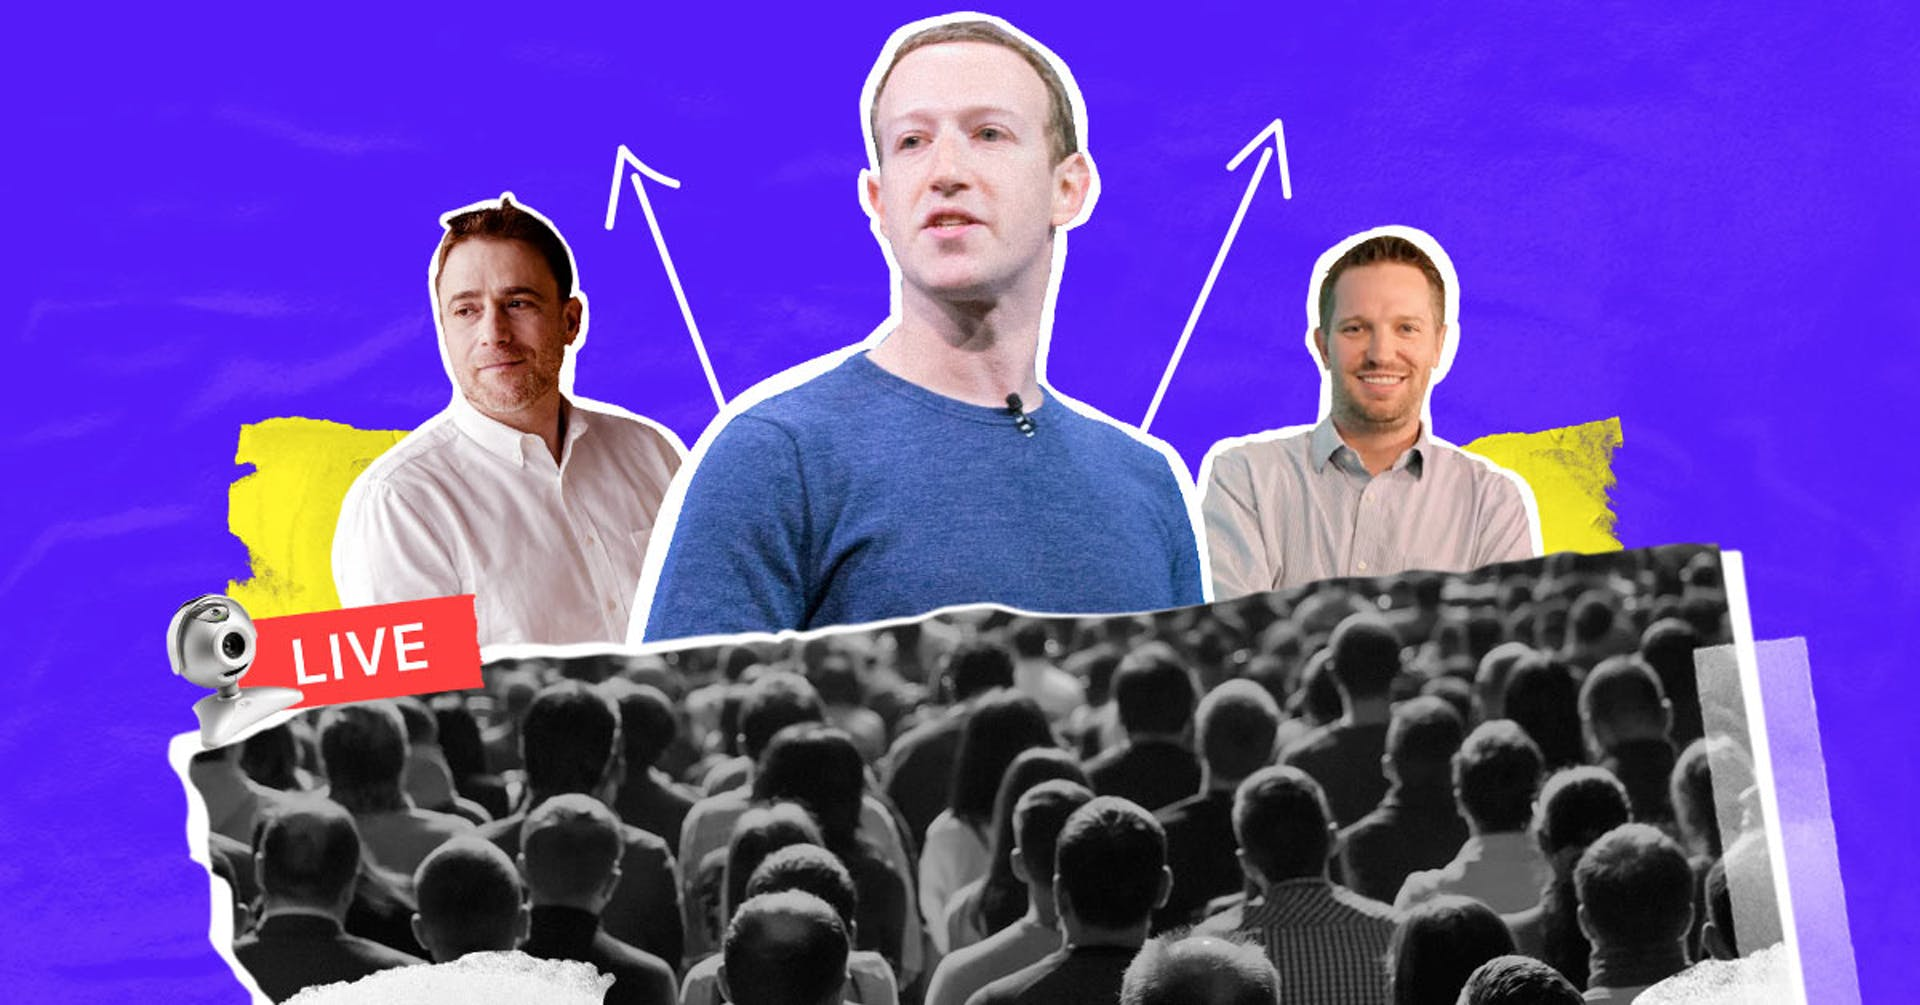 Gerencie suas reuniões virtuais como esses líderes famosos